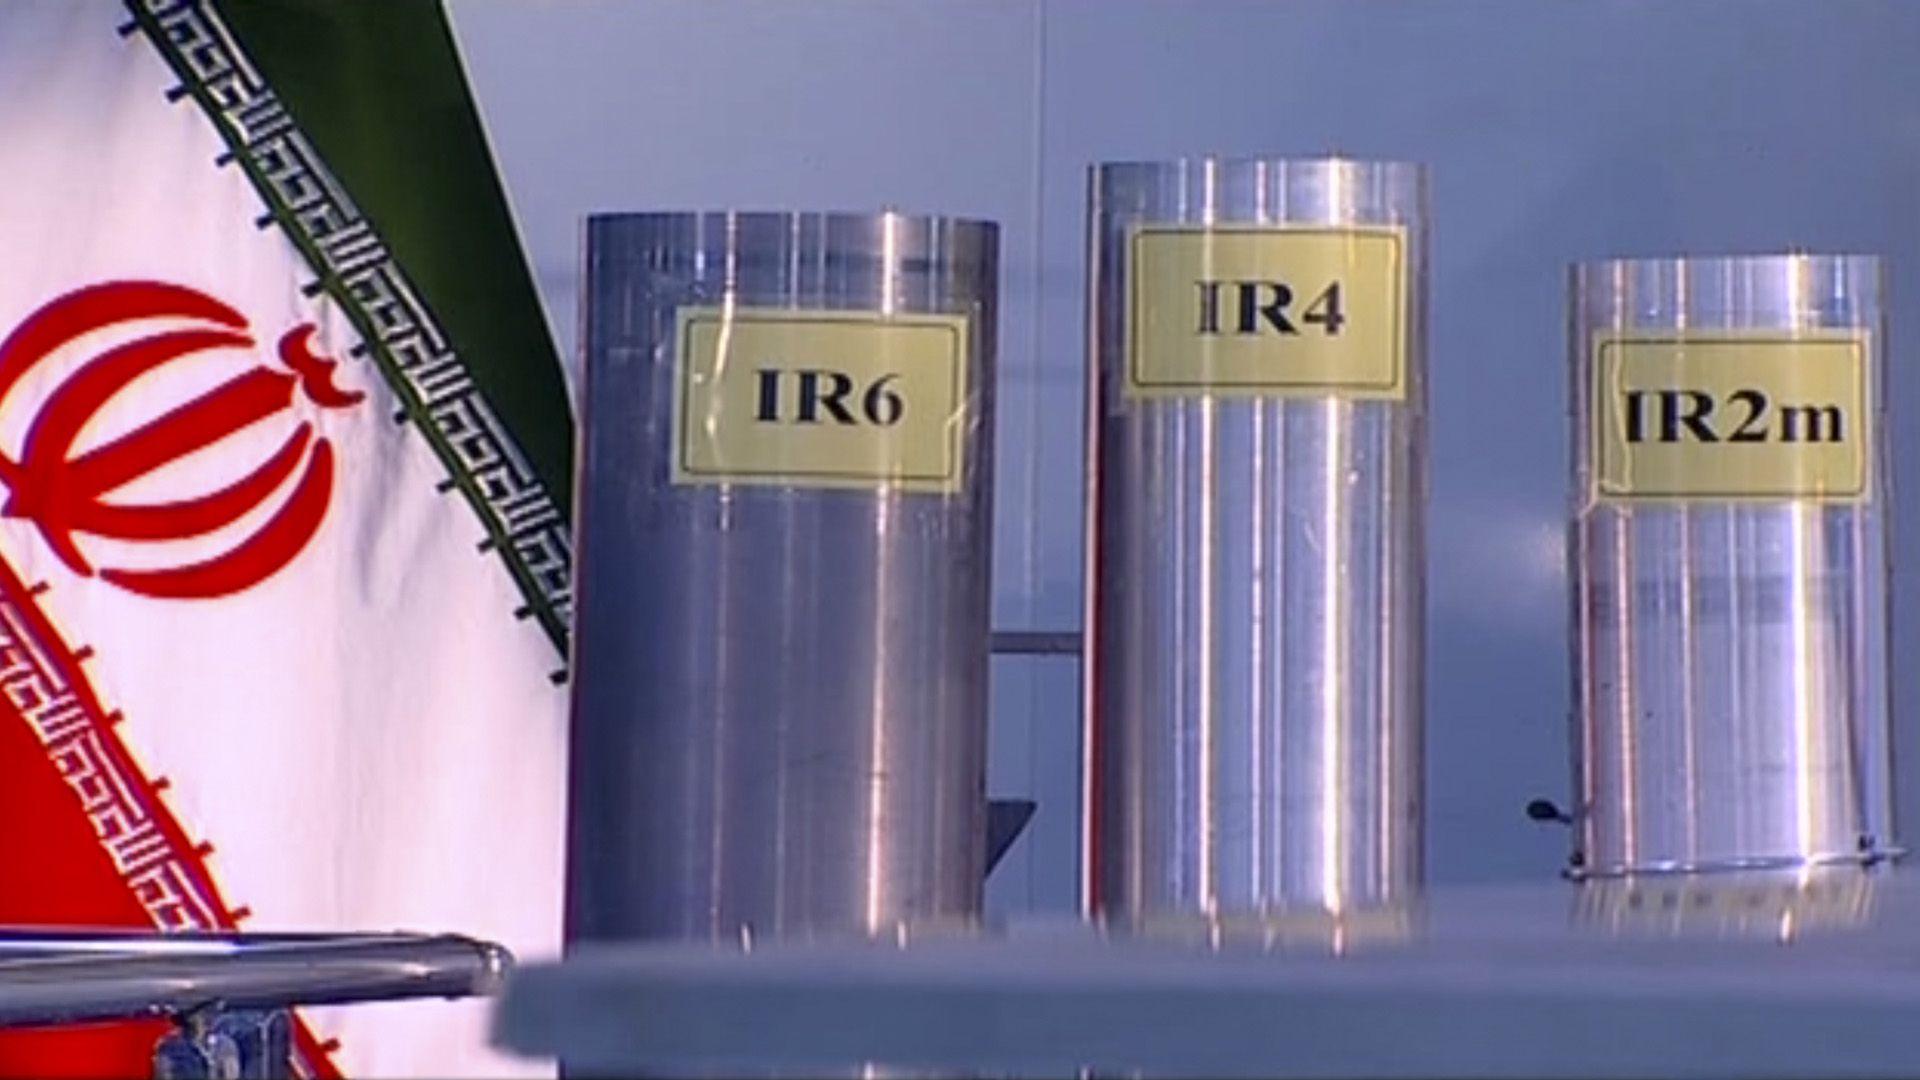 Centrífugas utilizadas por Irán en el enriquecimiento de uranio